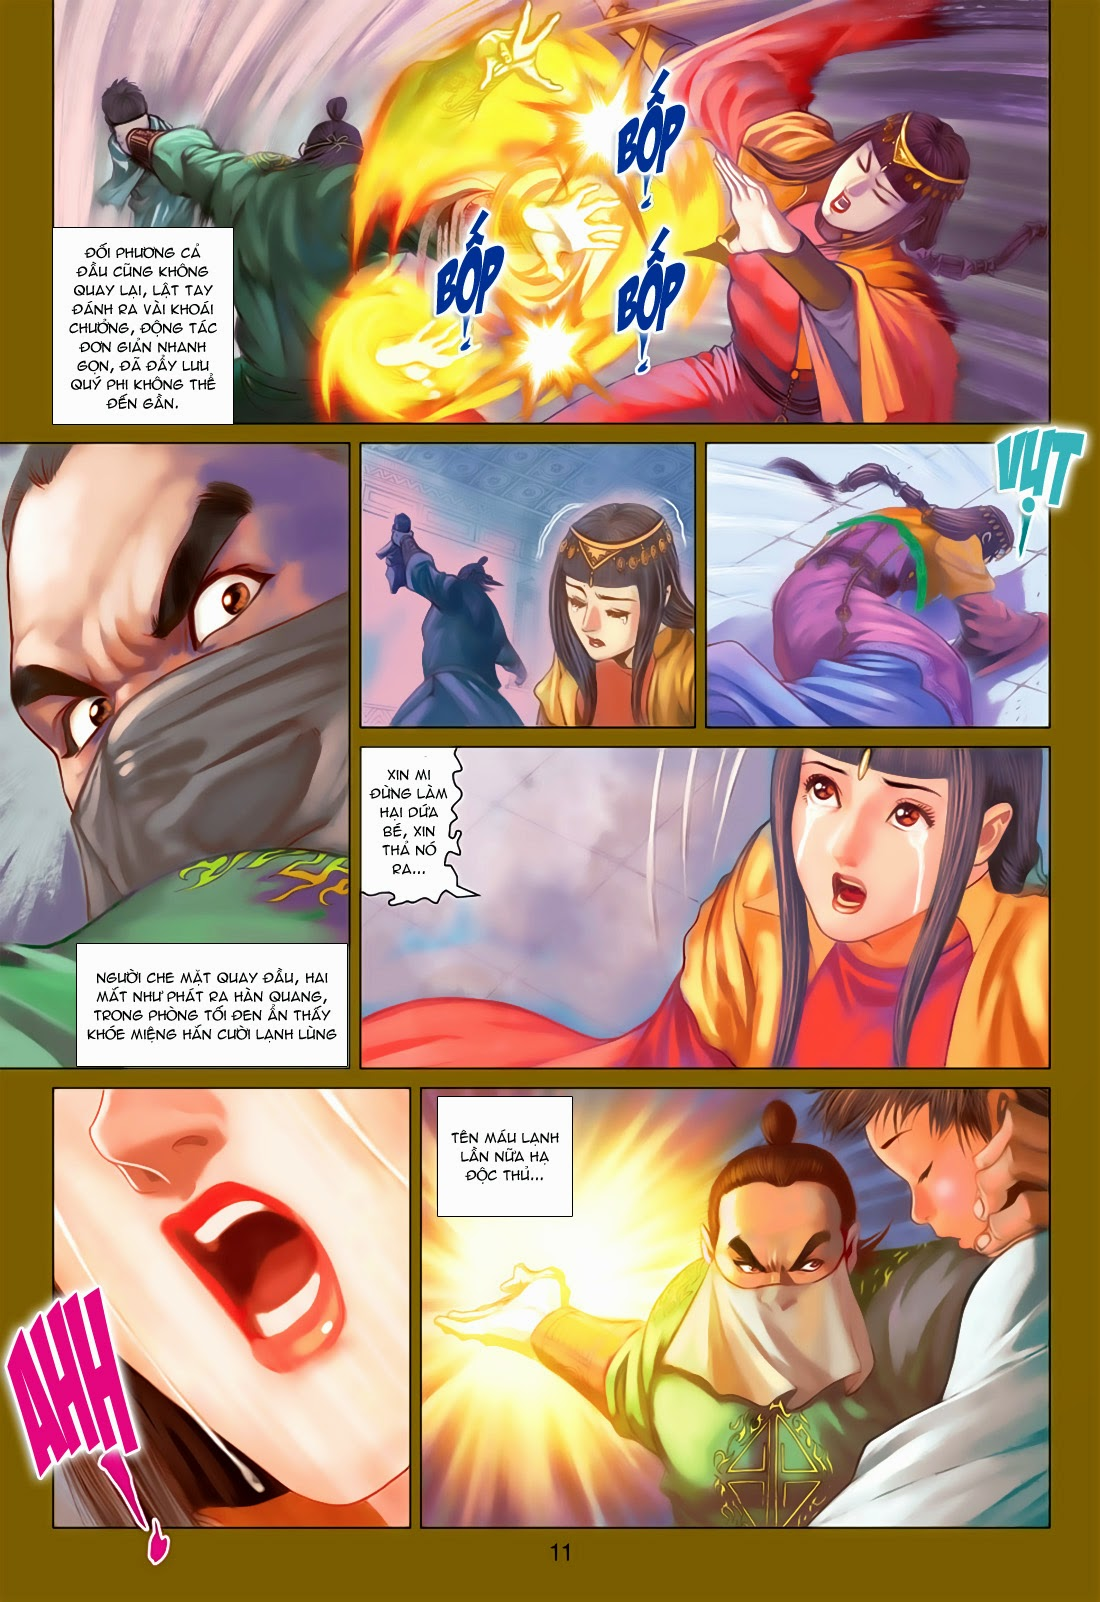 xem truyen moi - Anh Hùng Xạ Điêu - Chapter 78: Sát Anh